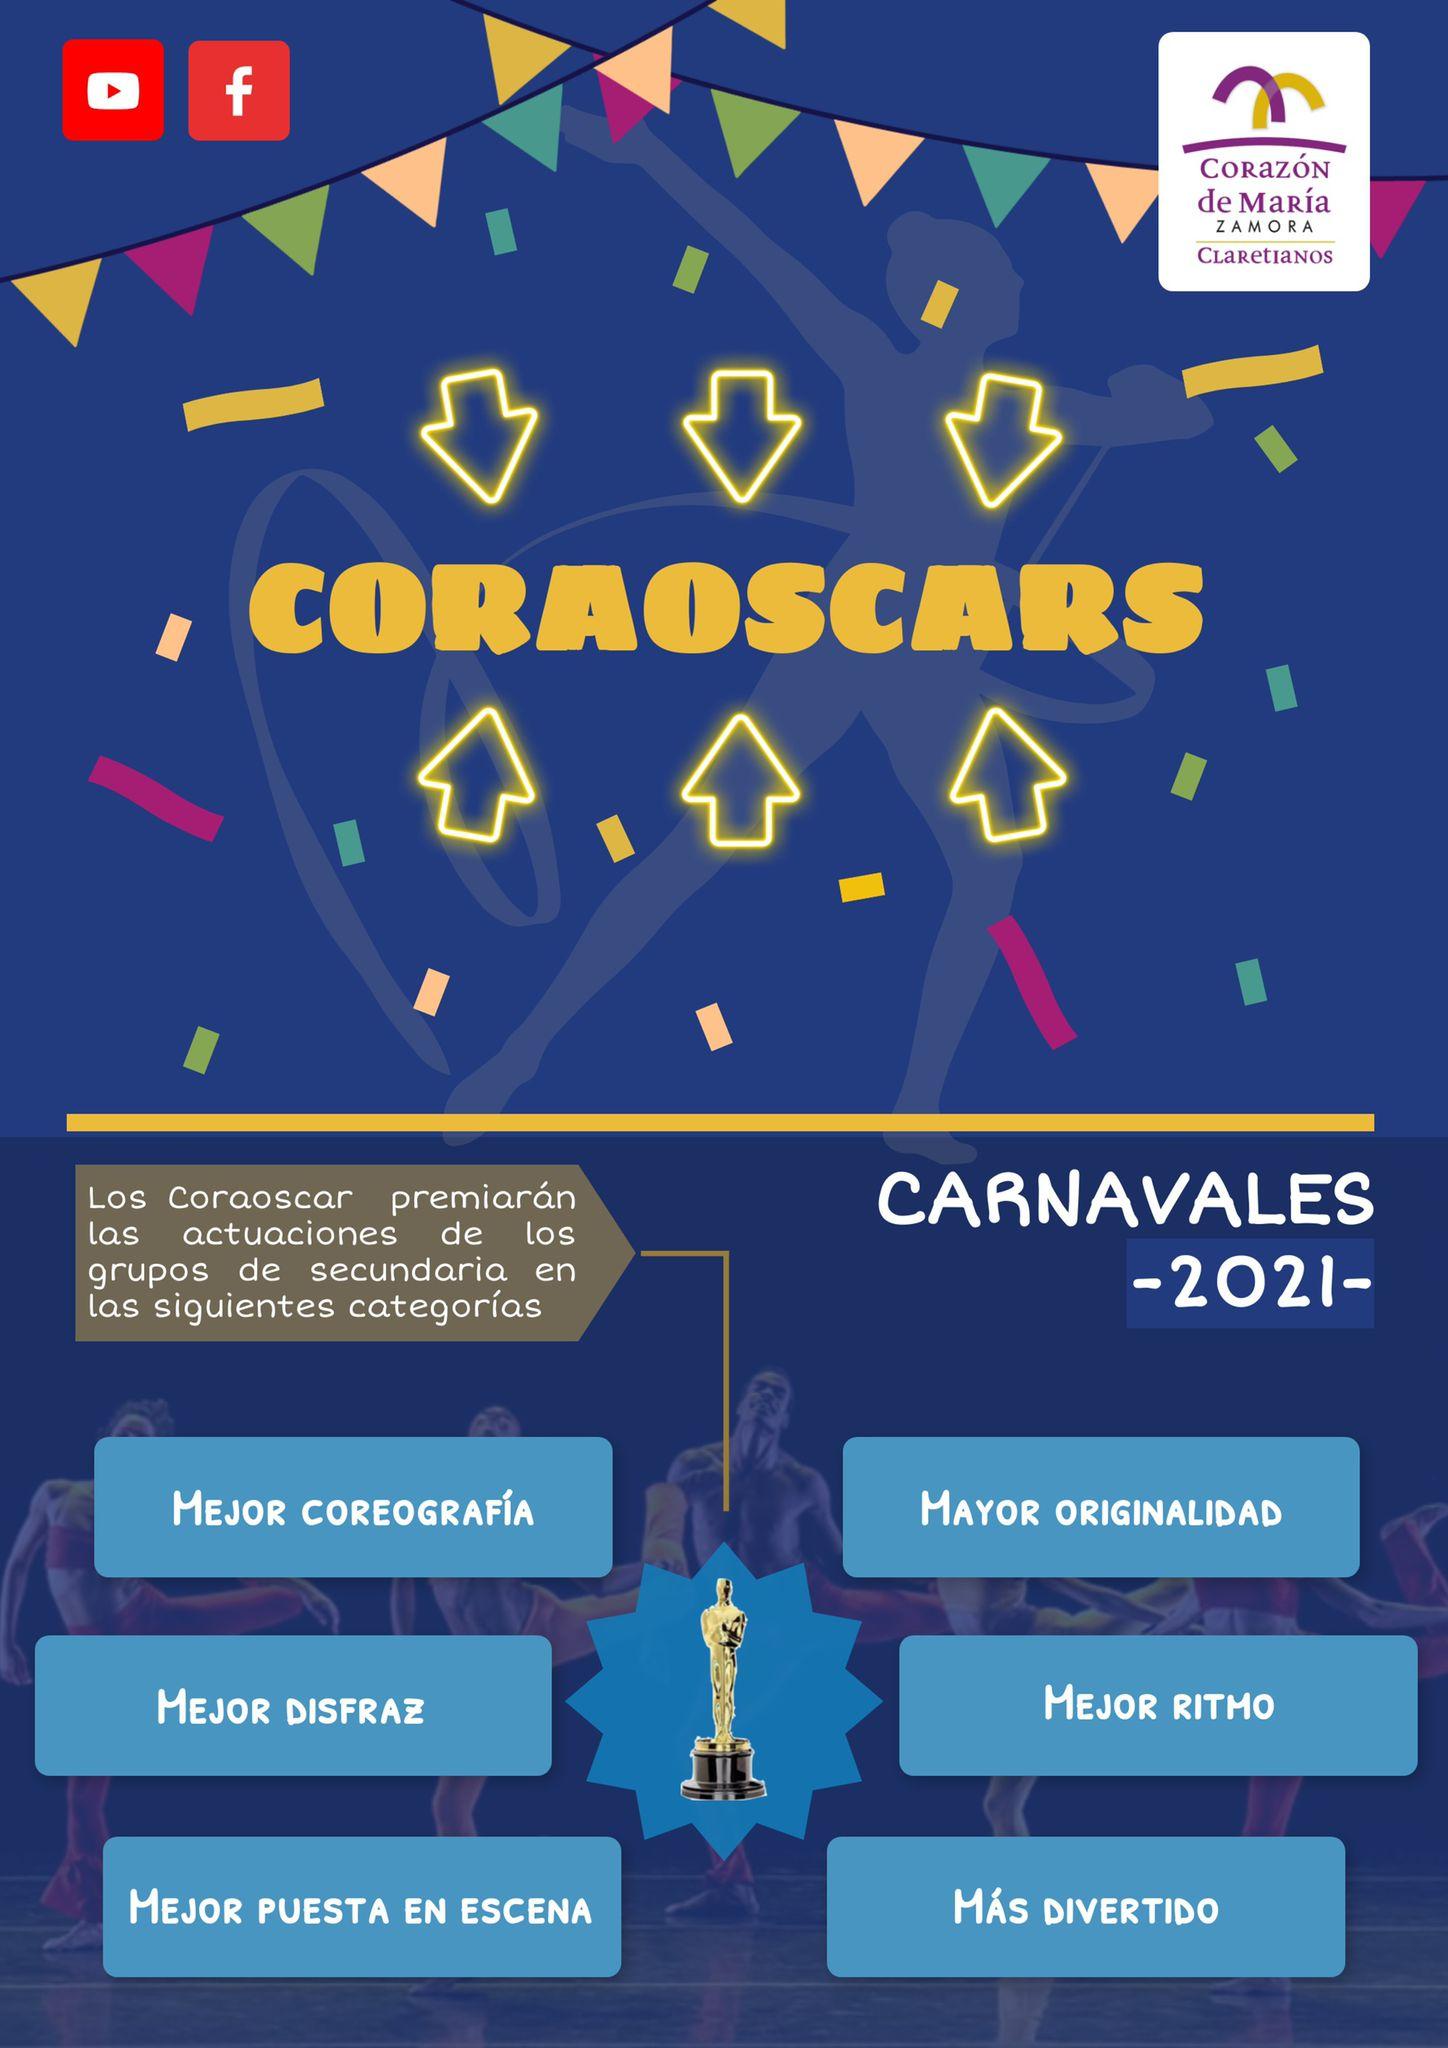 'Los Coraóscars', ilusión y diversión en nuestro Colegio Corazón de María de Zamora